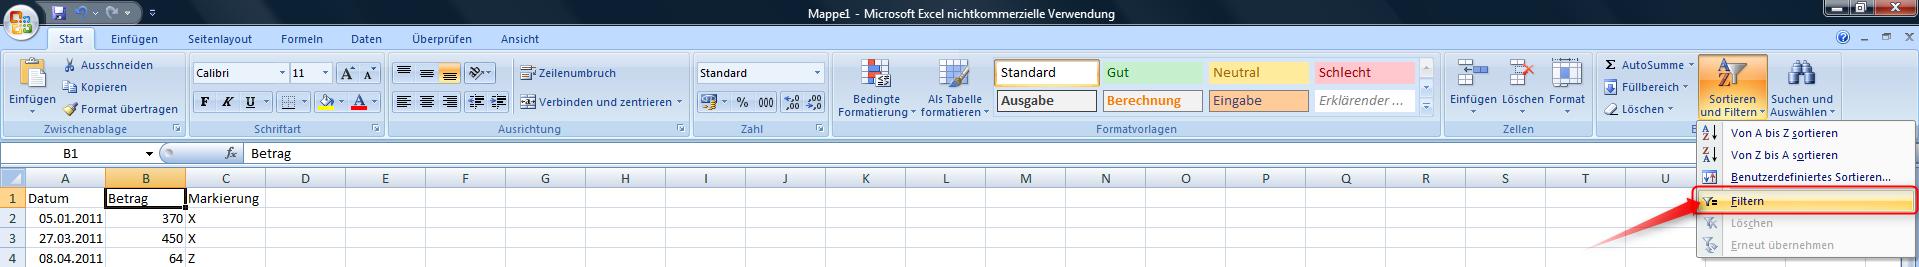 03-excel-formeln-zelle-in-einer-gefilterte-liste-mit-bedingung-zaehlen-filtern-470.png?nocache=1308837924239